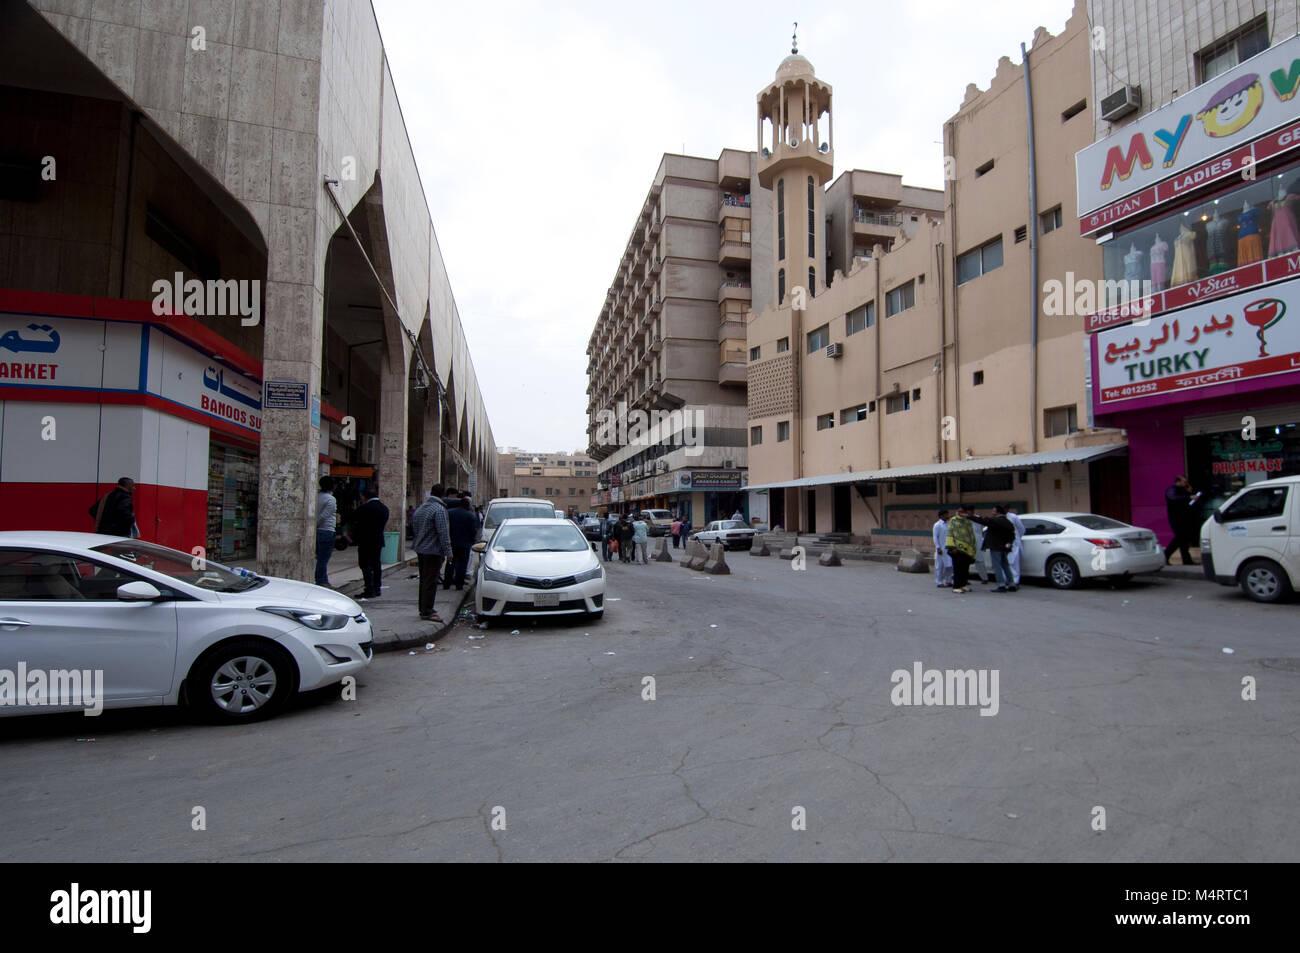 """Las tiendas y los compradores en el viejo """"Batha',de la ciudad de Riad, Arabia Saudita, 01.12.2016 Imagen De Stock"""